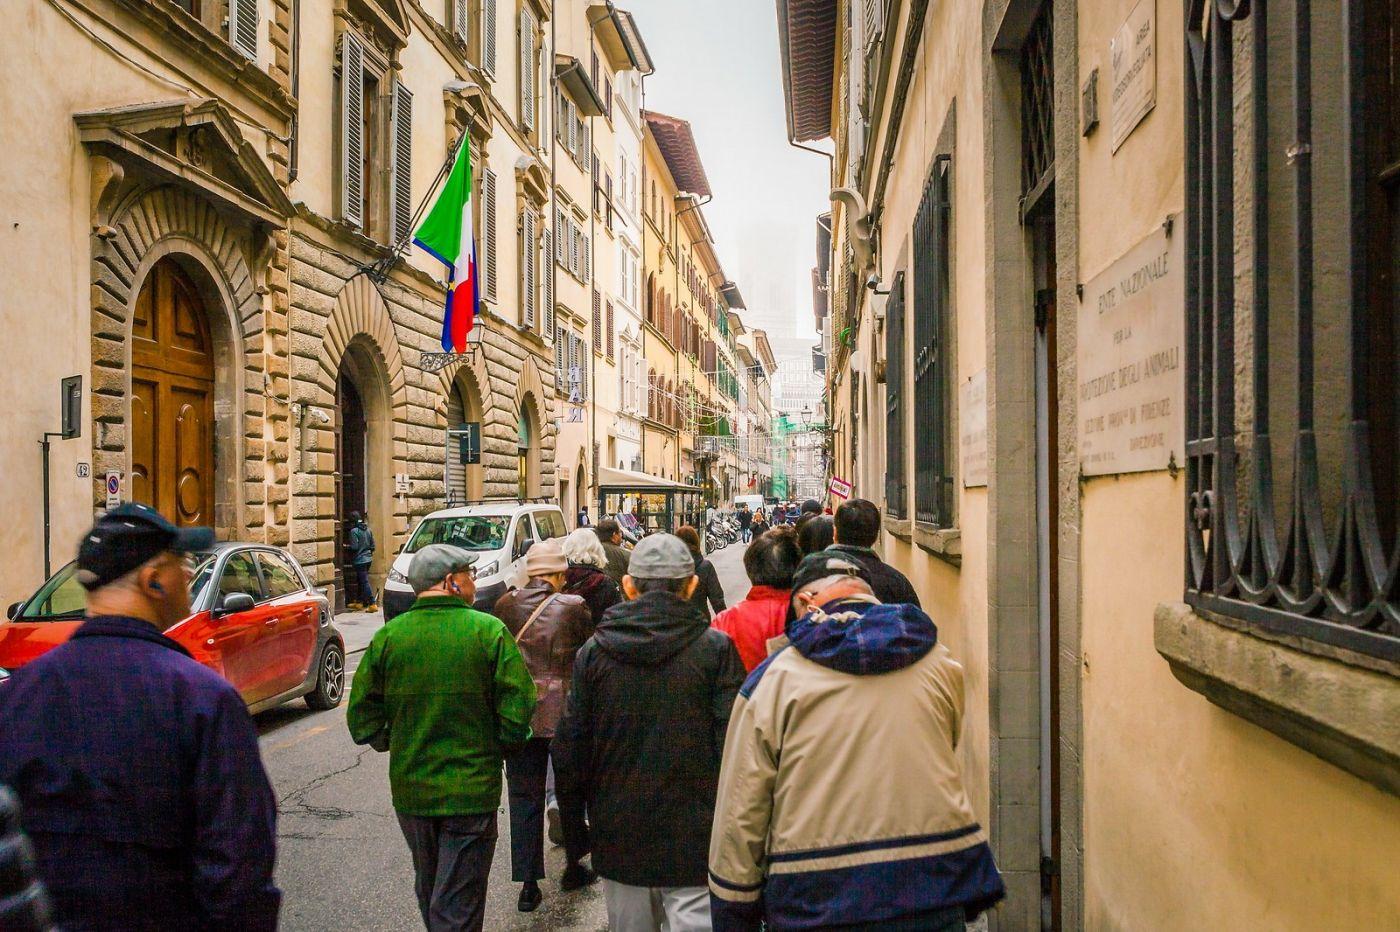 意大利佛罗伦萨(Florence),小街文化_图1-12